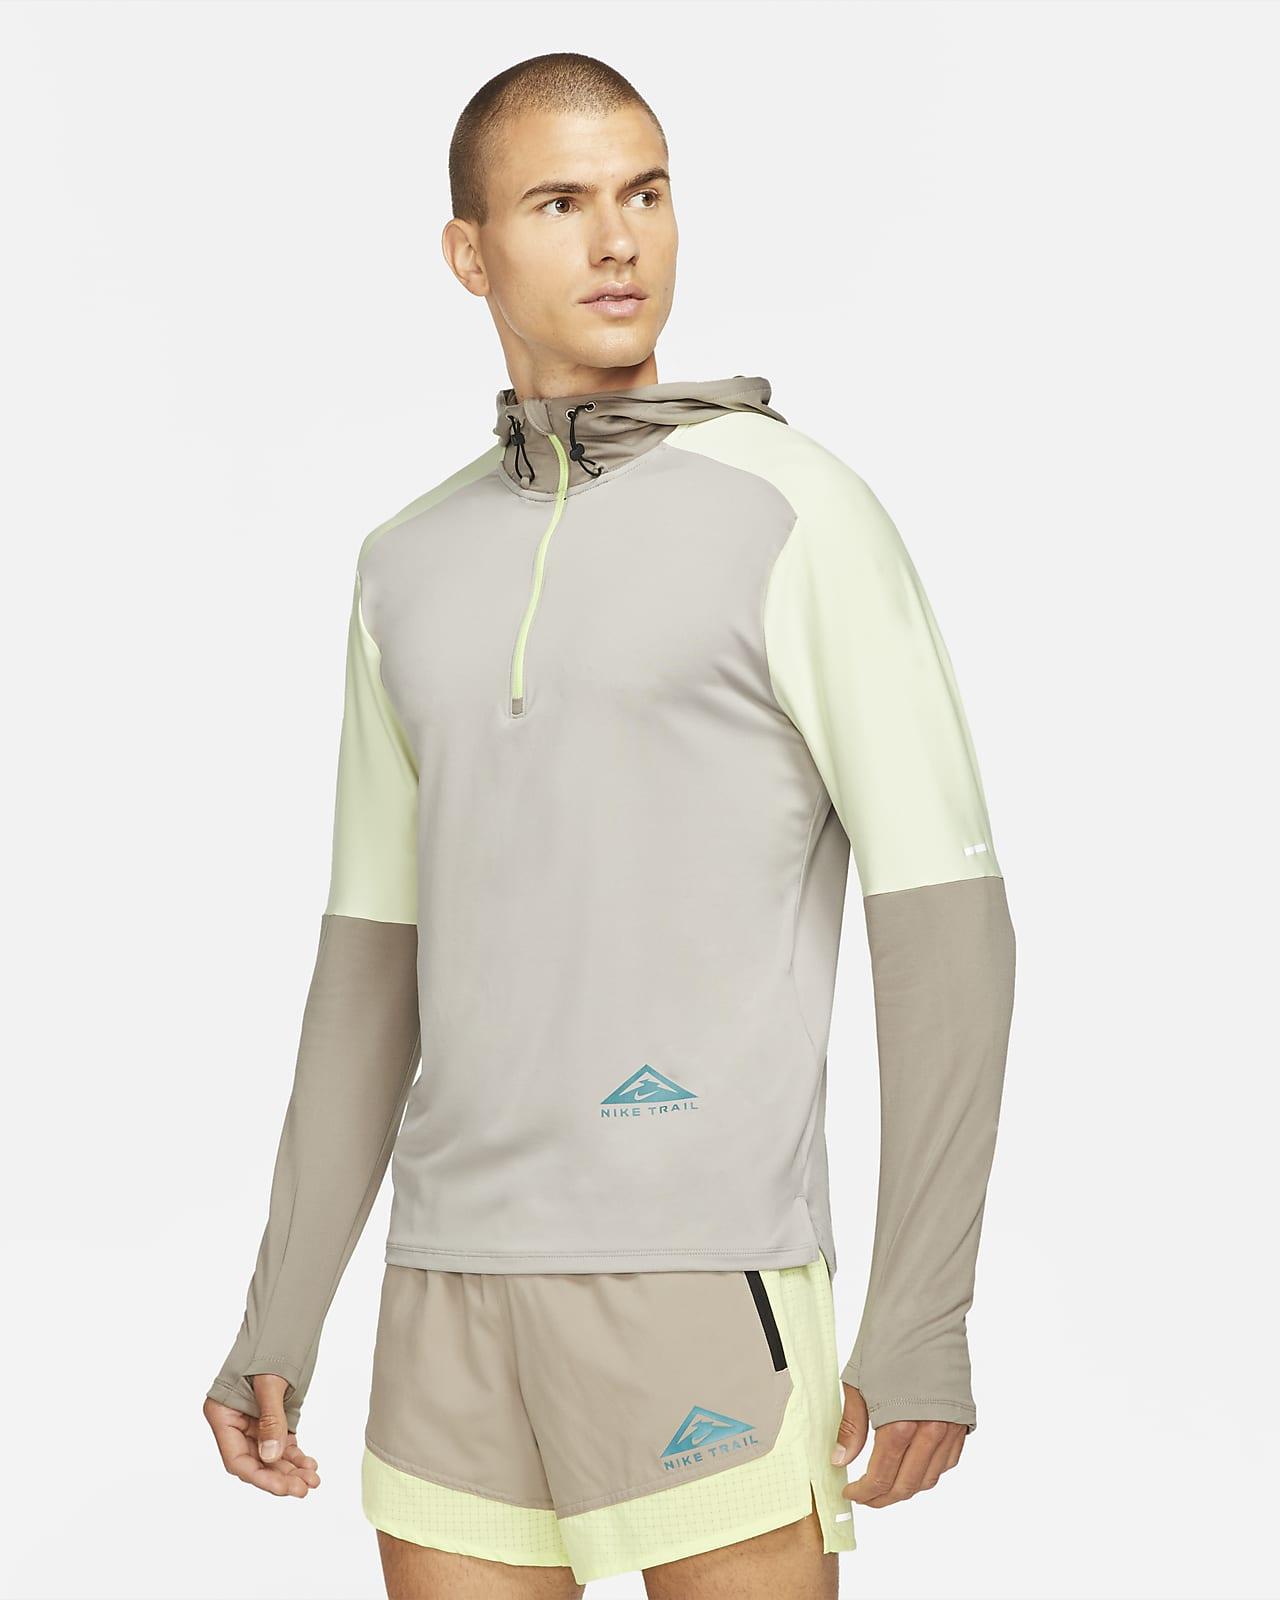 Мужская футболка для трейлраннинга с молнией на половину длины Nike Dri-FIT Trail Element